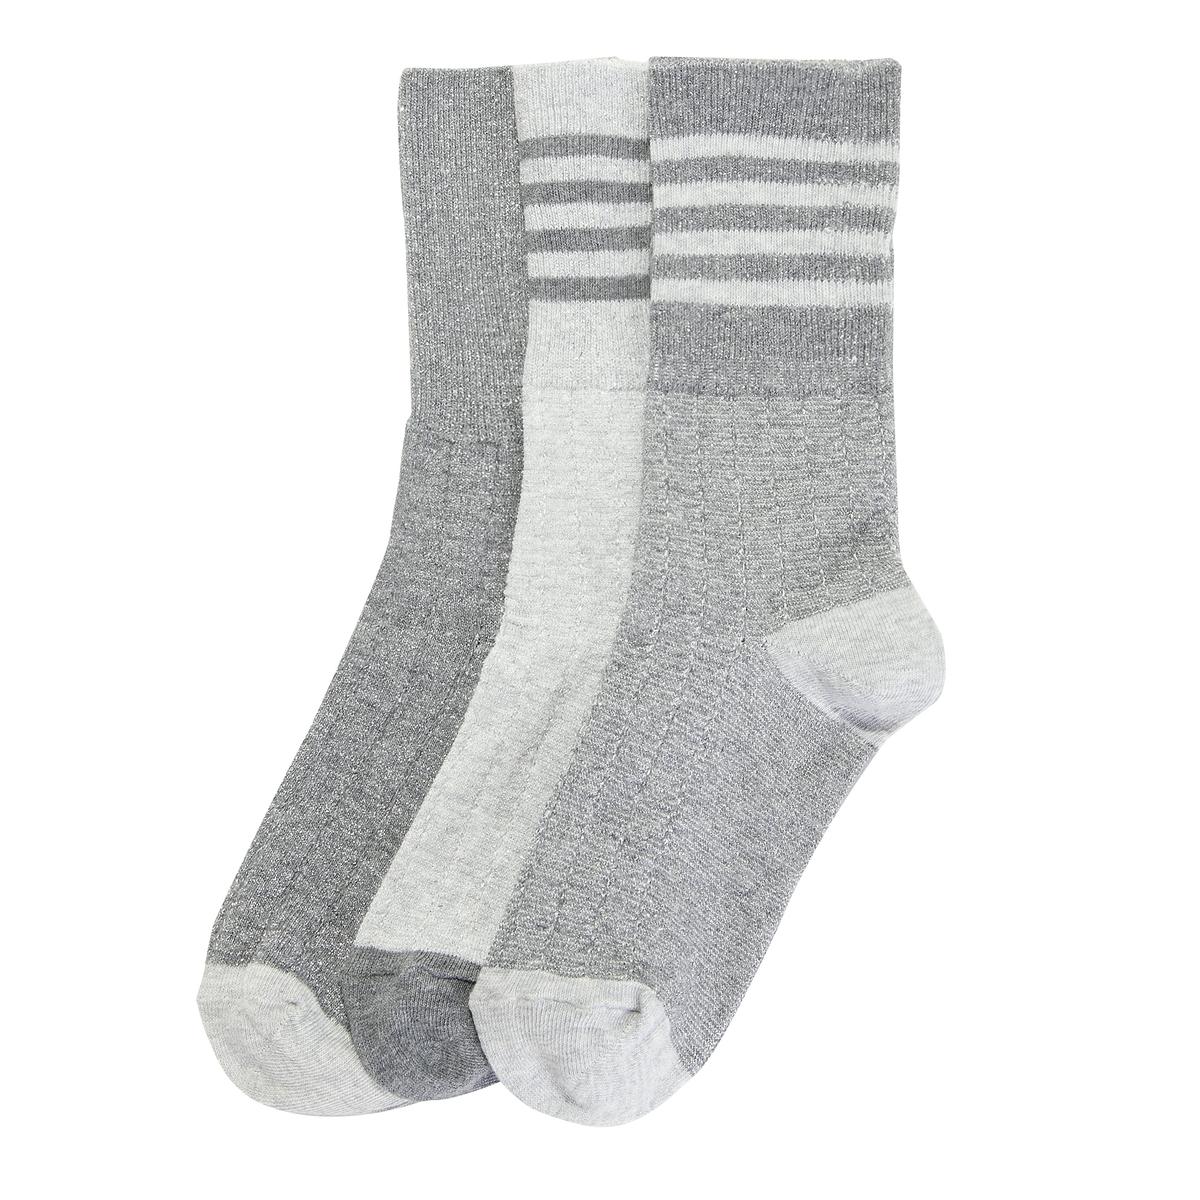 3 пары носков спортивных 3 пары оригинальных носков